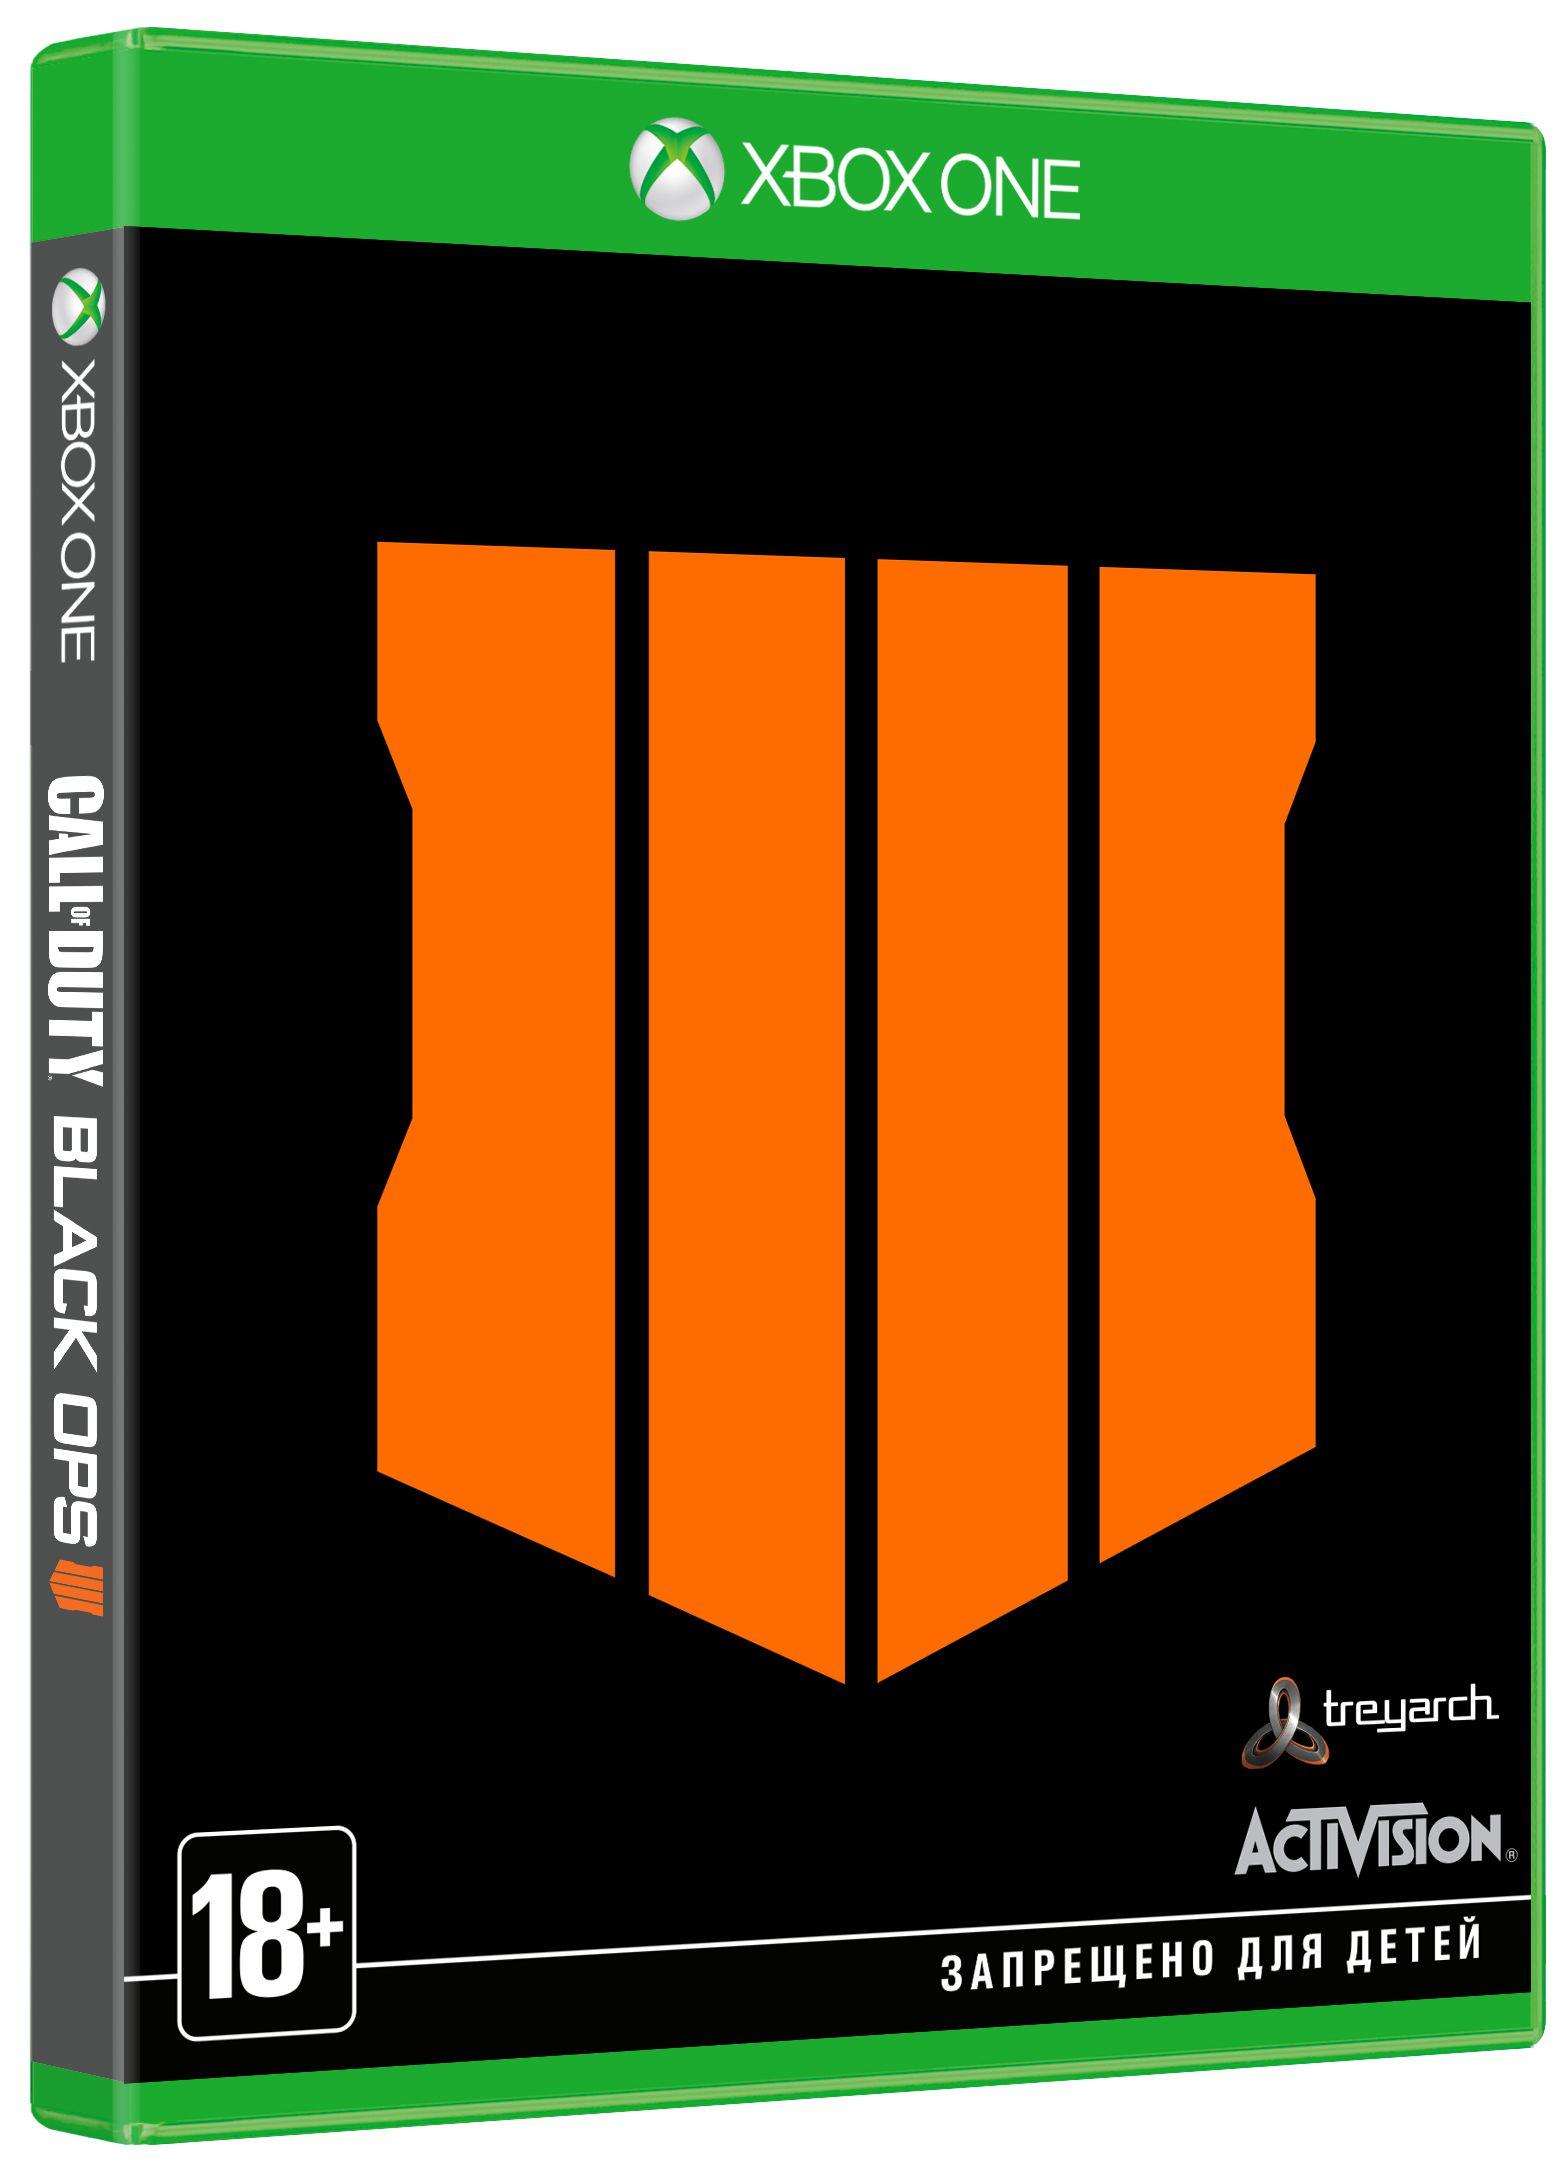 Call of Duty: Black Ops 4 [Xbox One]Описание игры, а также возможные бонусы за предварительный заказ будут опубликованы позднее. Доставка осуществляется не ранее даты релиза – 12.10.2018 г<br>